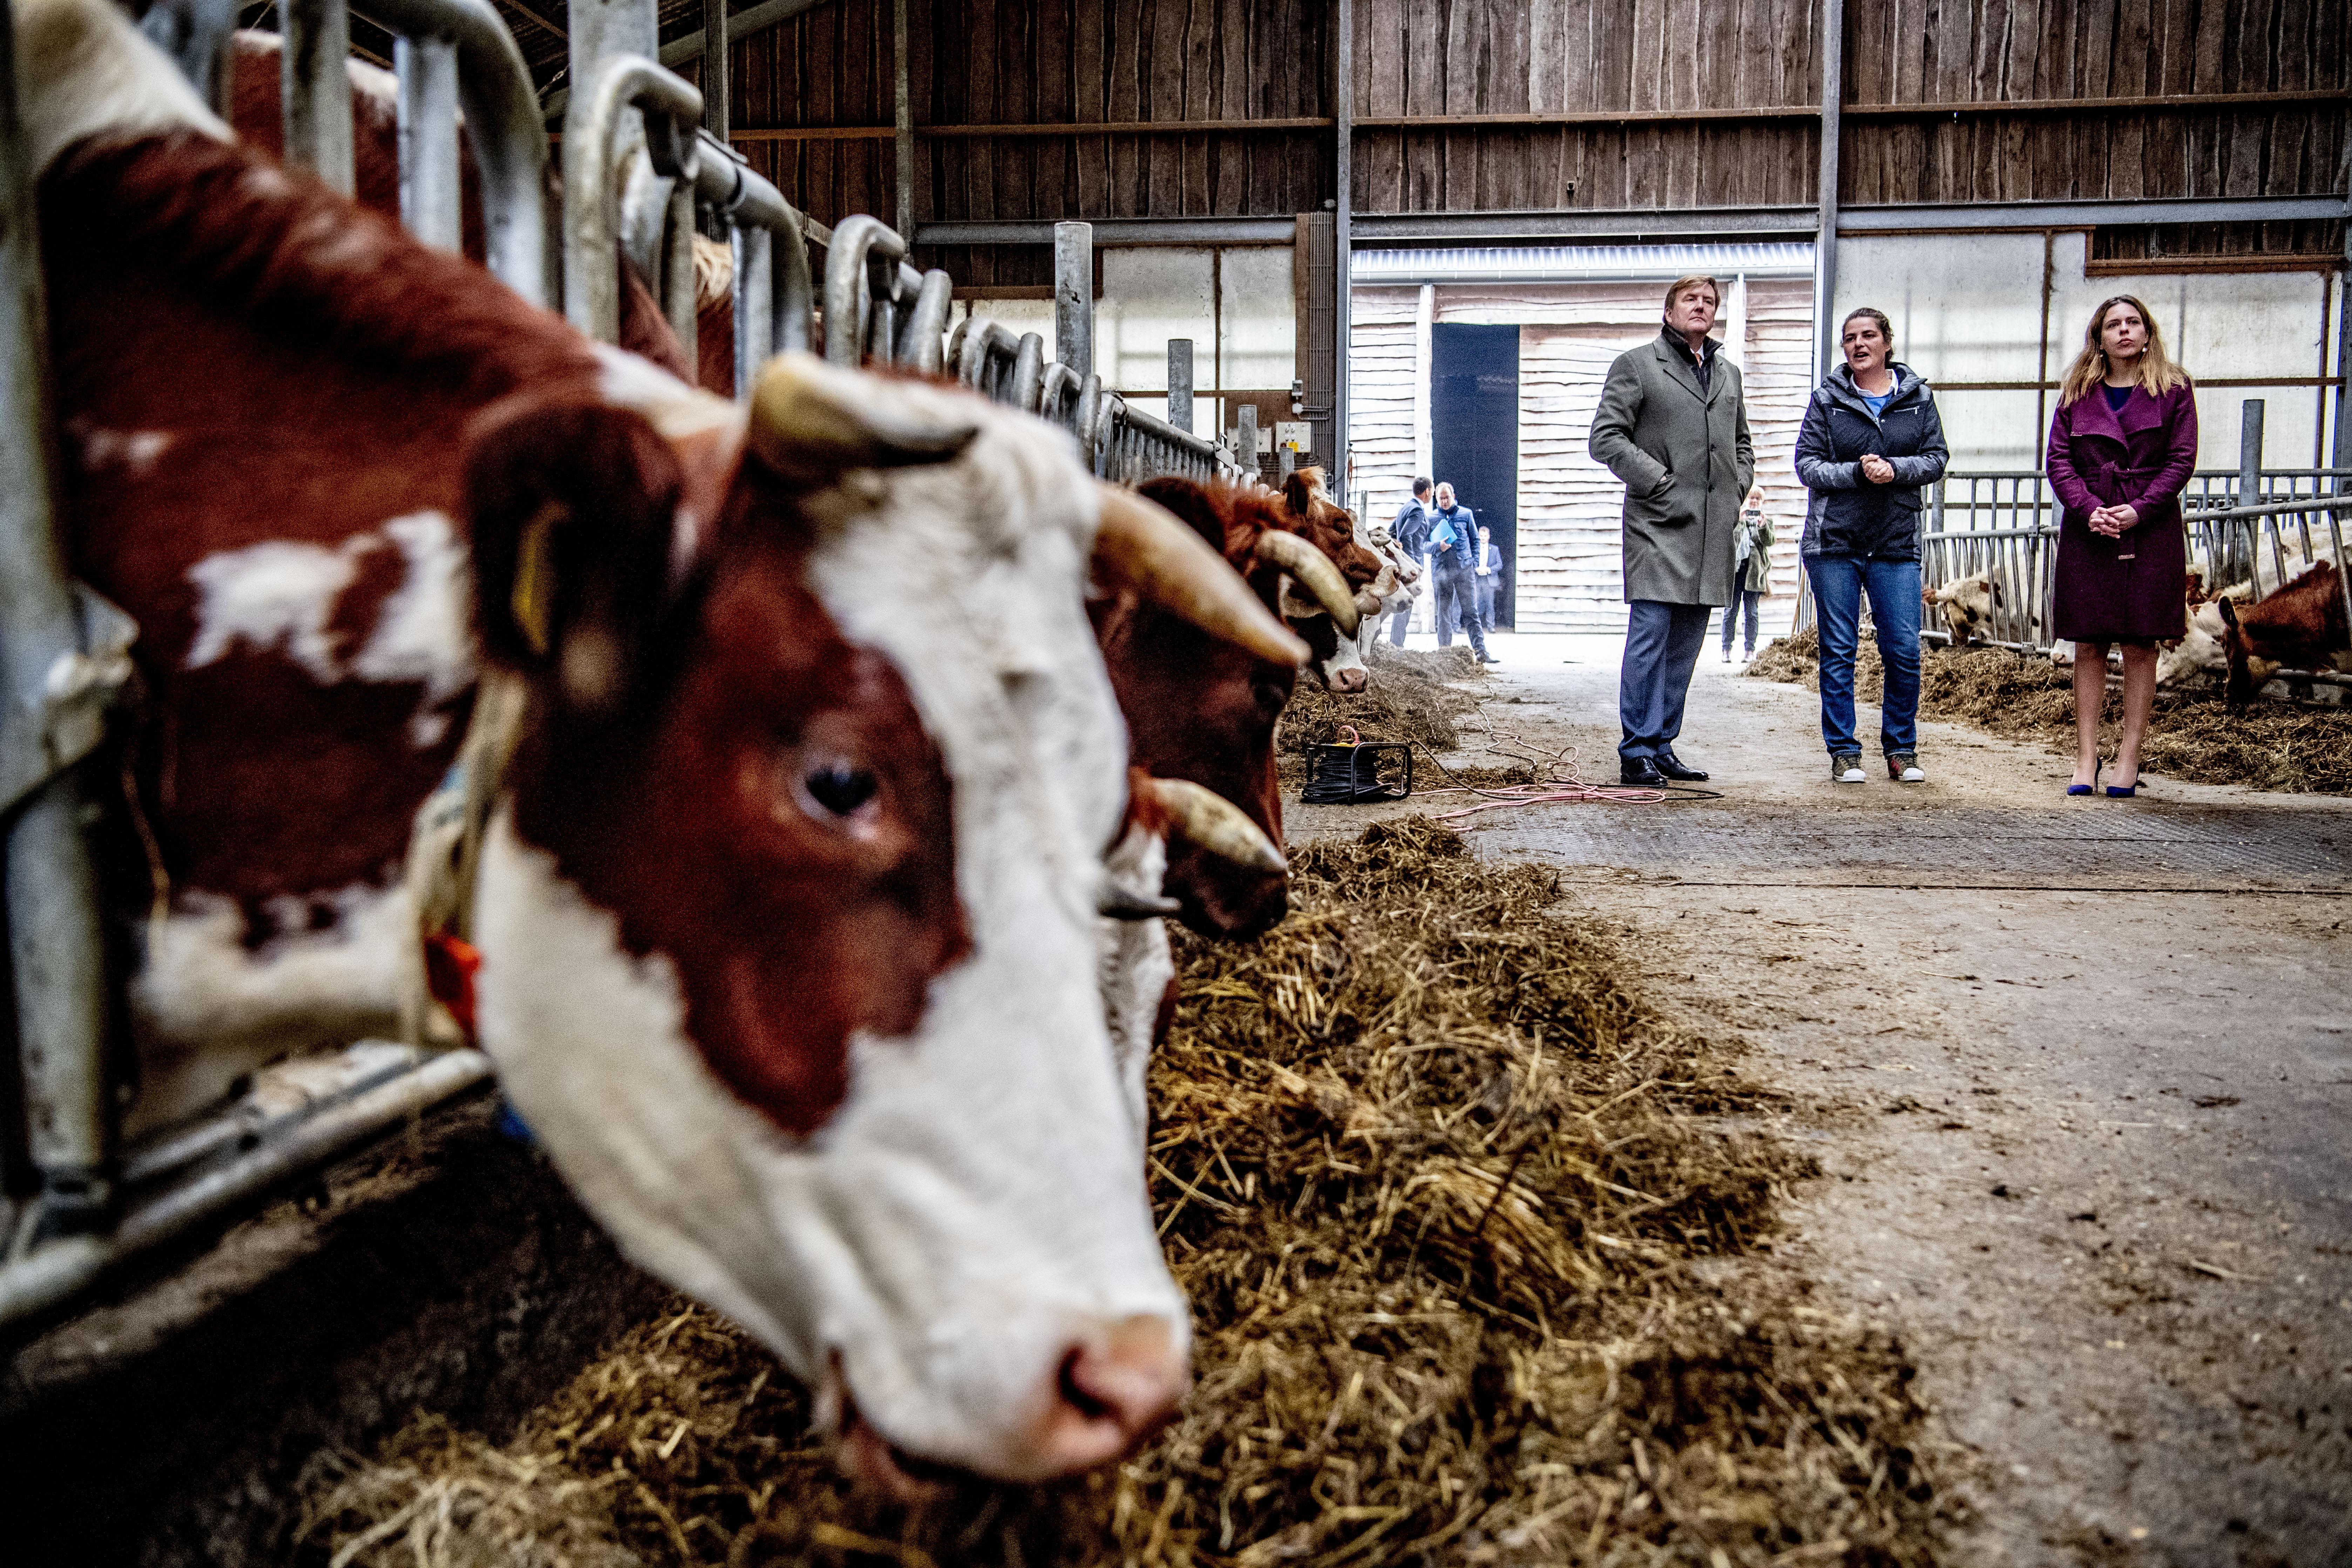 Kom op, vat de koe bij de hoorns minister Schouten. Maak werk van 'kringlooplandbouw' | column Groen gaat Groen